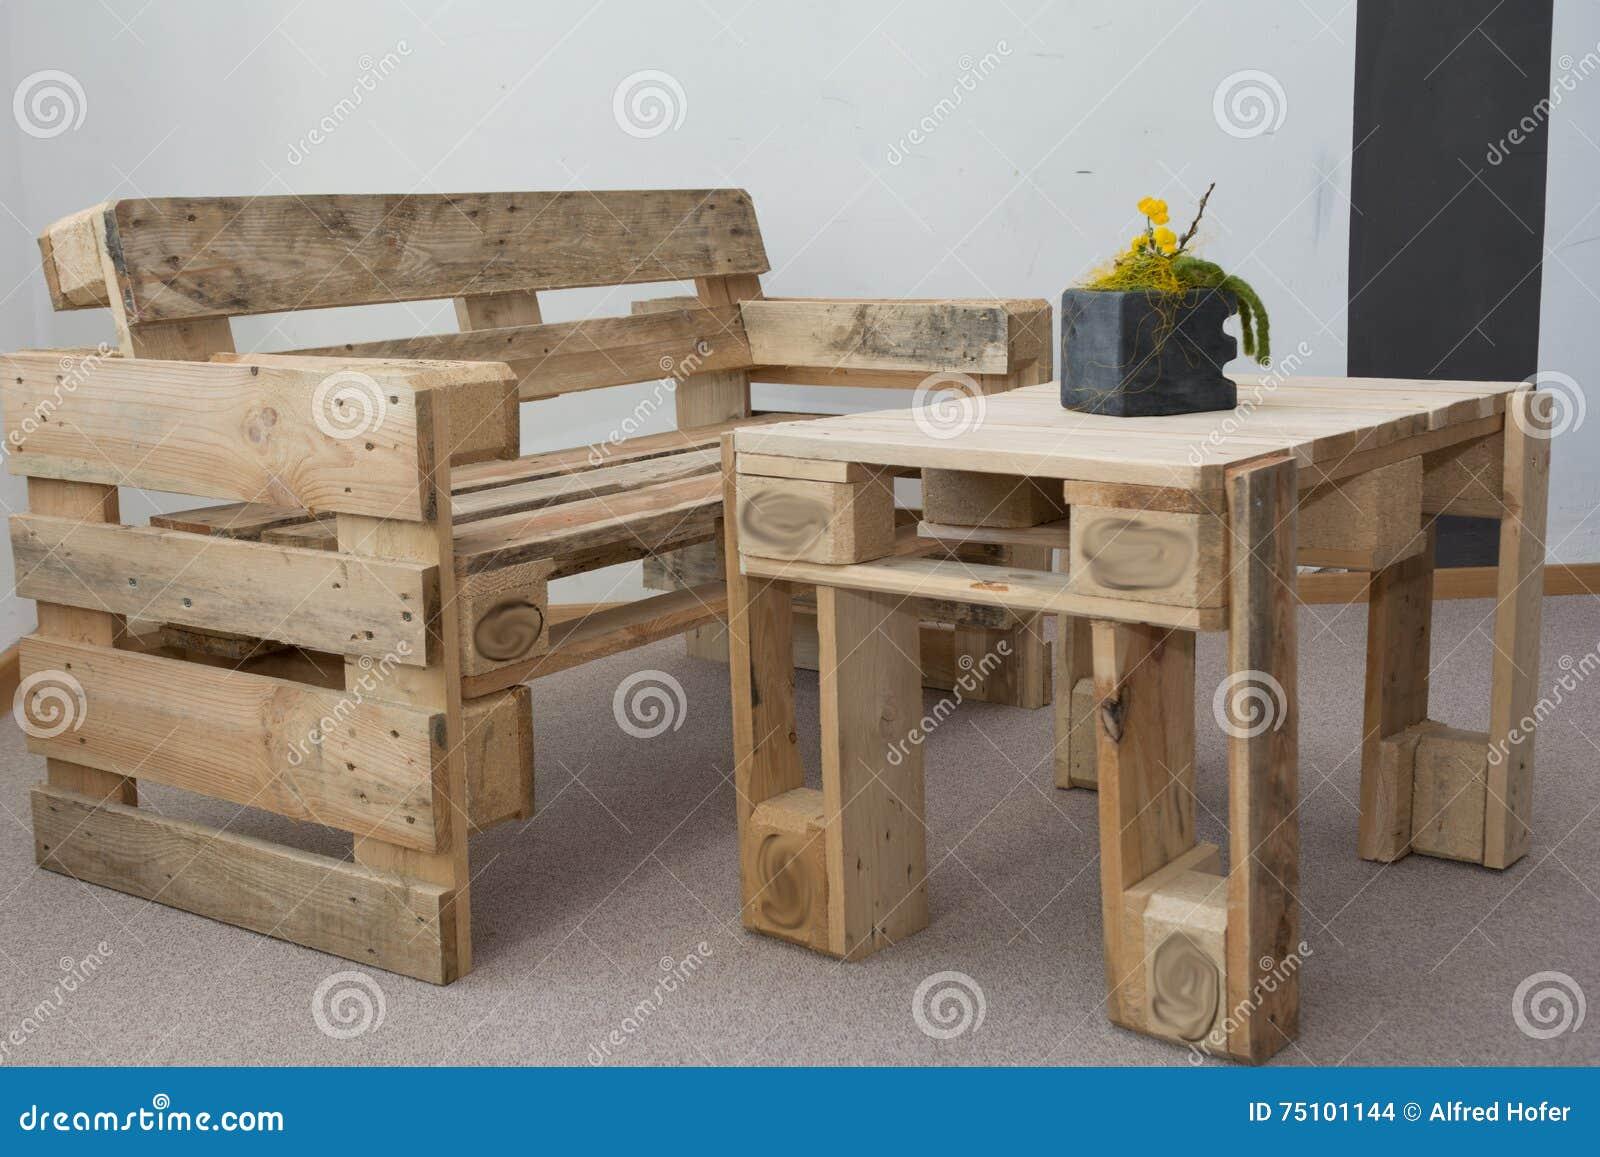 Banc Robuste Et Table En Bois Des Palettes Photo Stock Image Du  # Achat Bancs Droits Bois